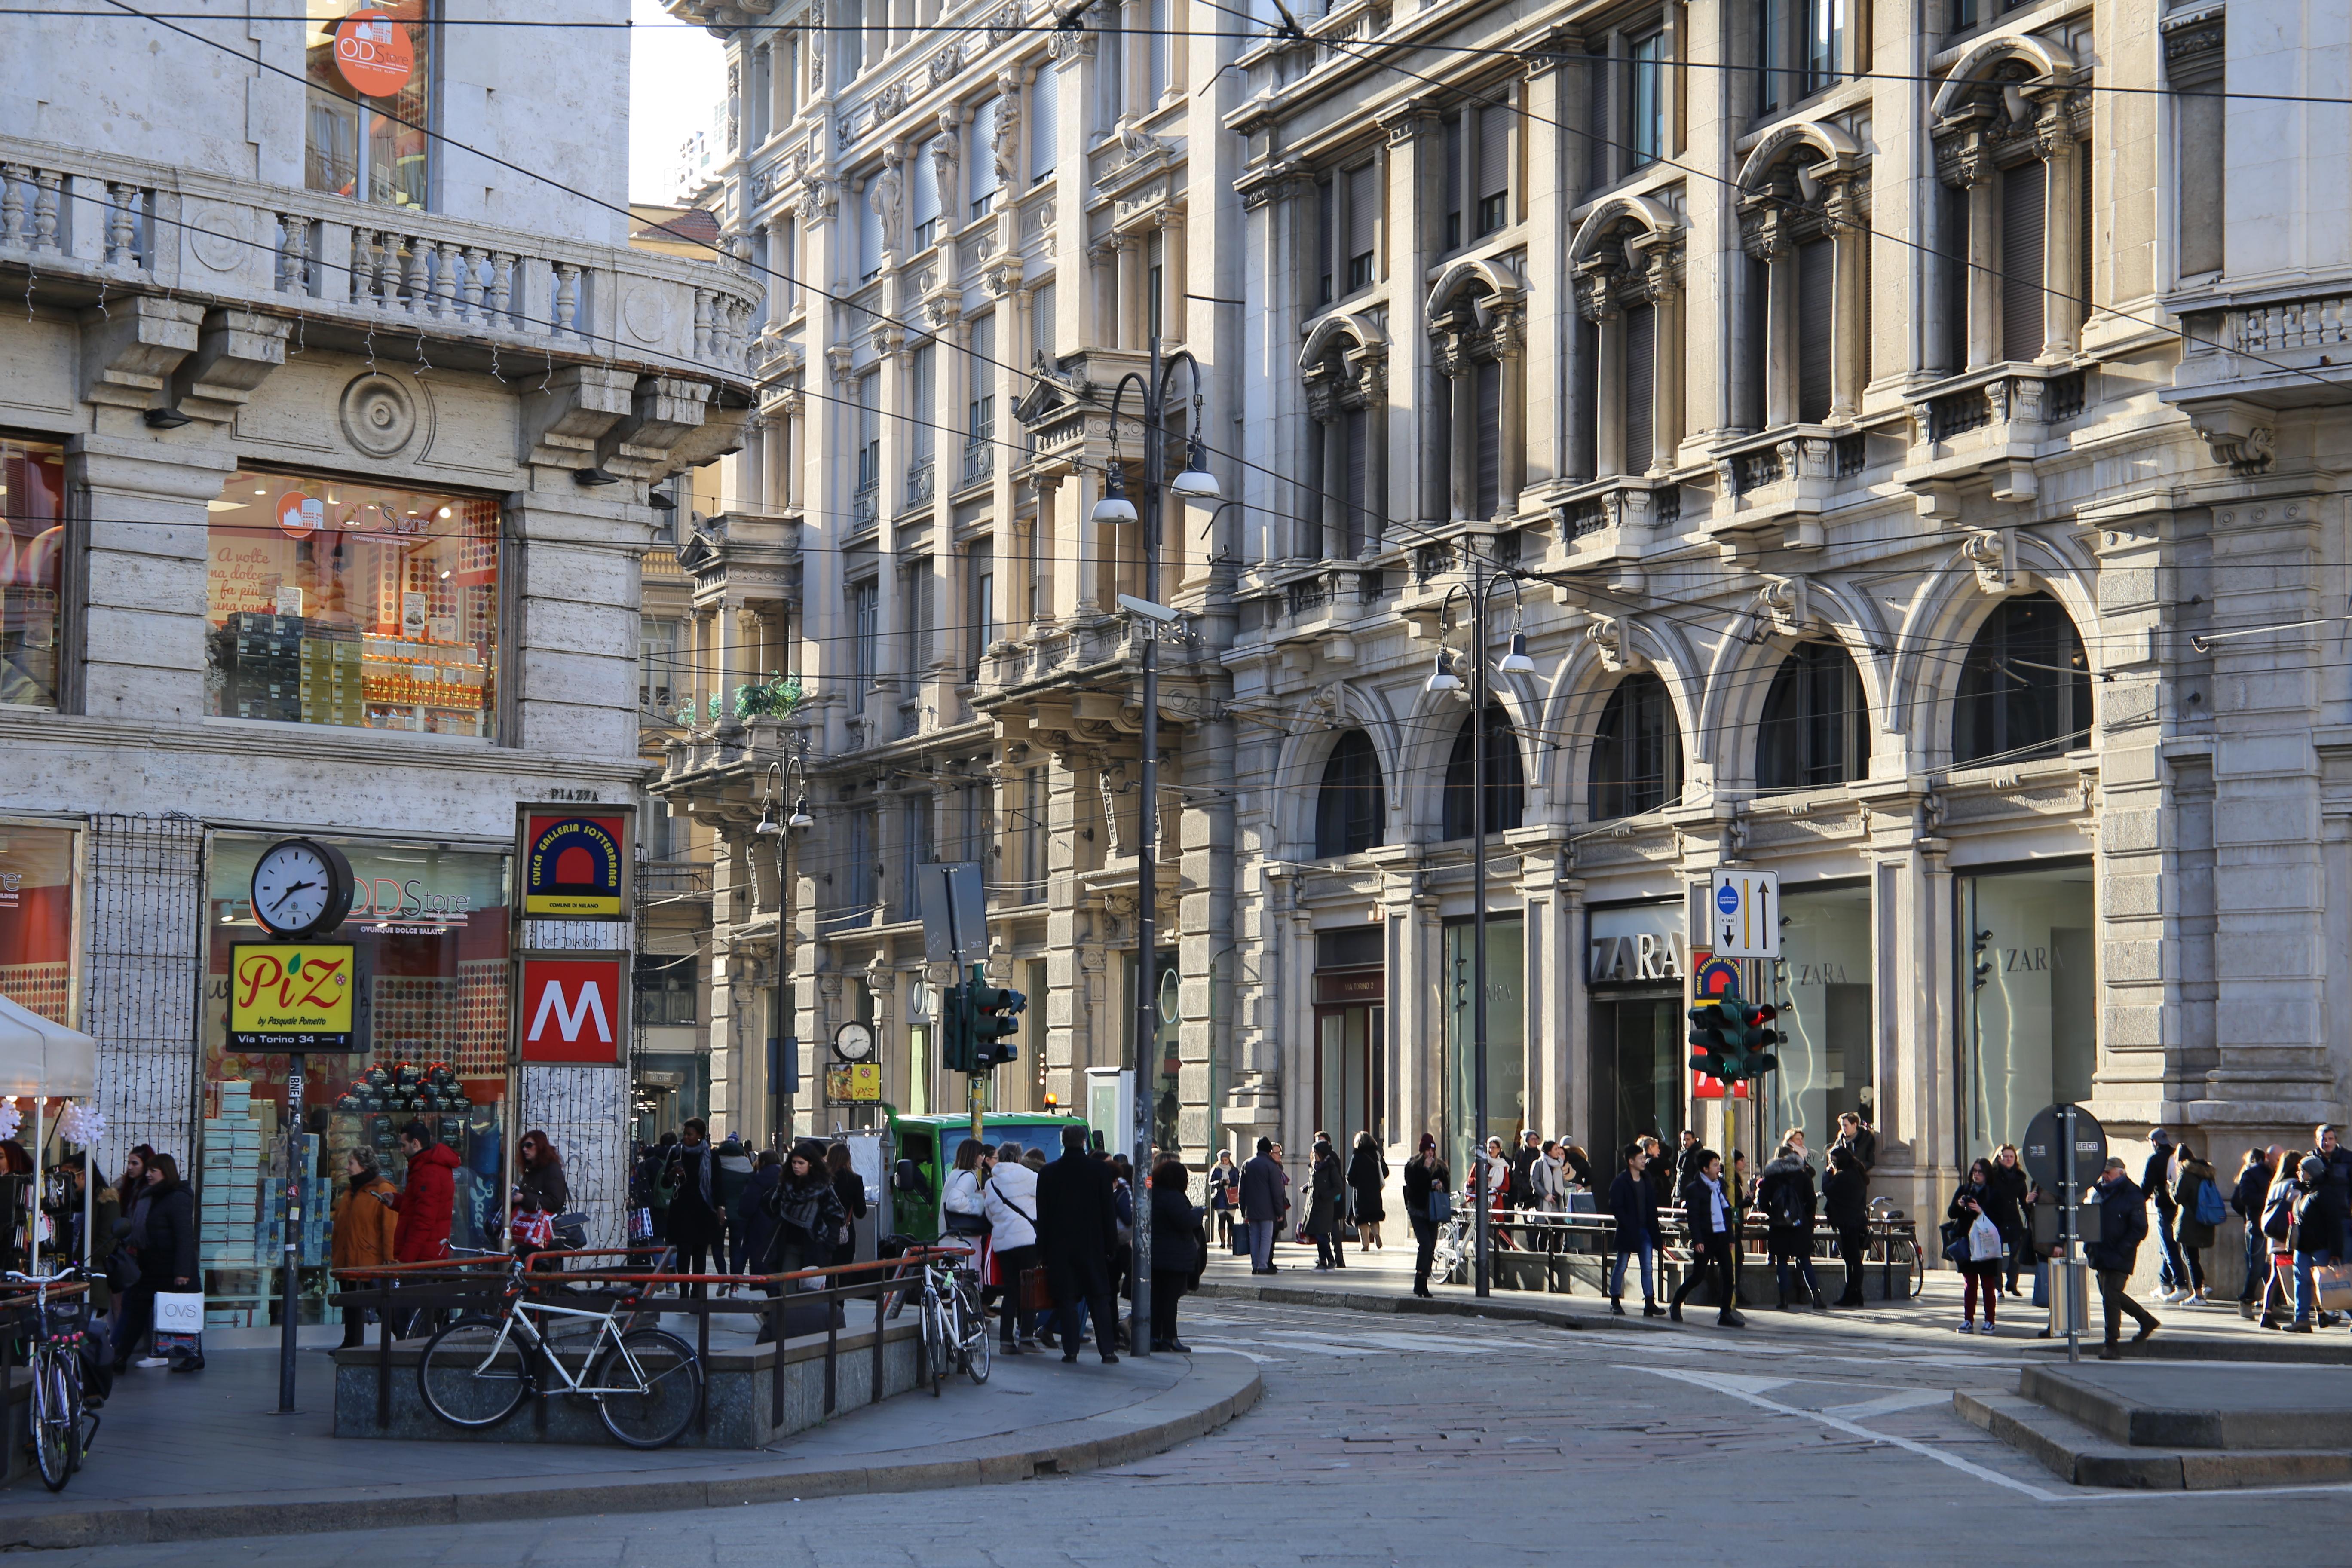 Via_Torino_Mailand_Shoppen_Einkaufen_Geschäfte_Straße_Shopping_Guide